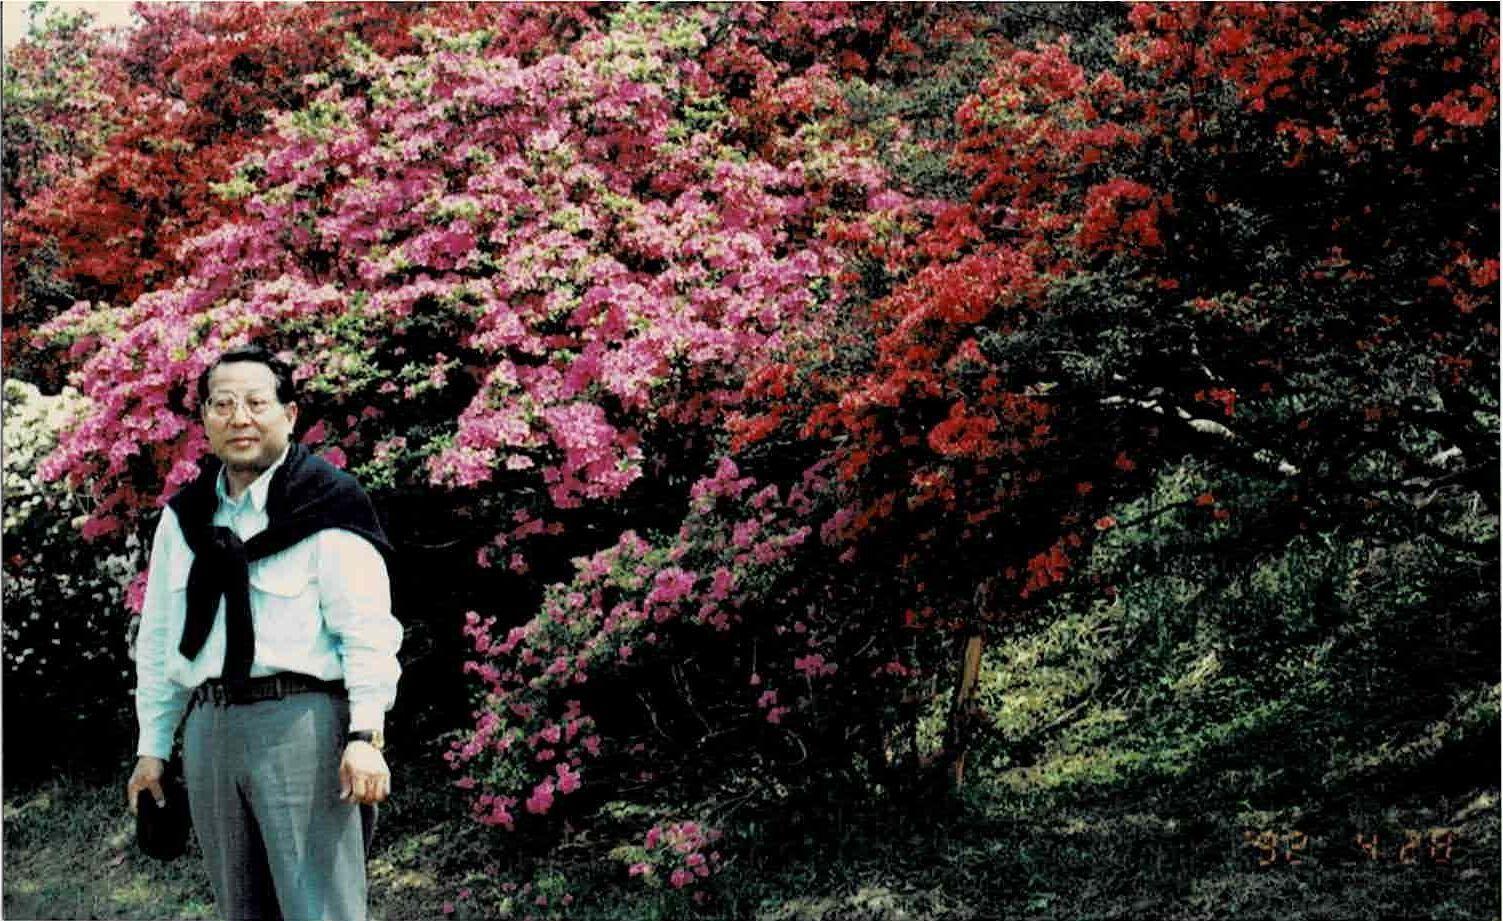 2019年7月26日  土浦市社会福祉施設長嶺ふれあい30周年 土浦電子従業員館林つつじ見に_d0249595_13495517.jpg